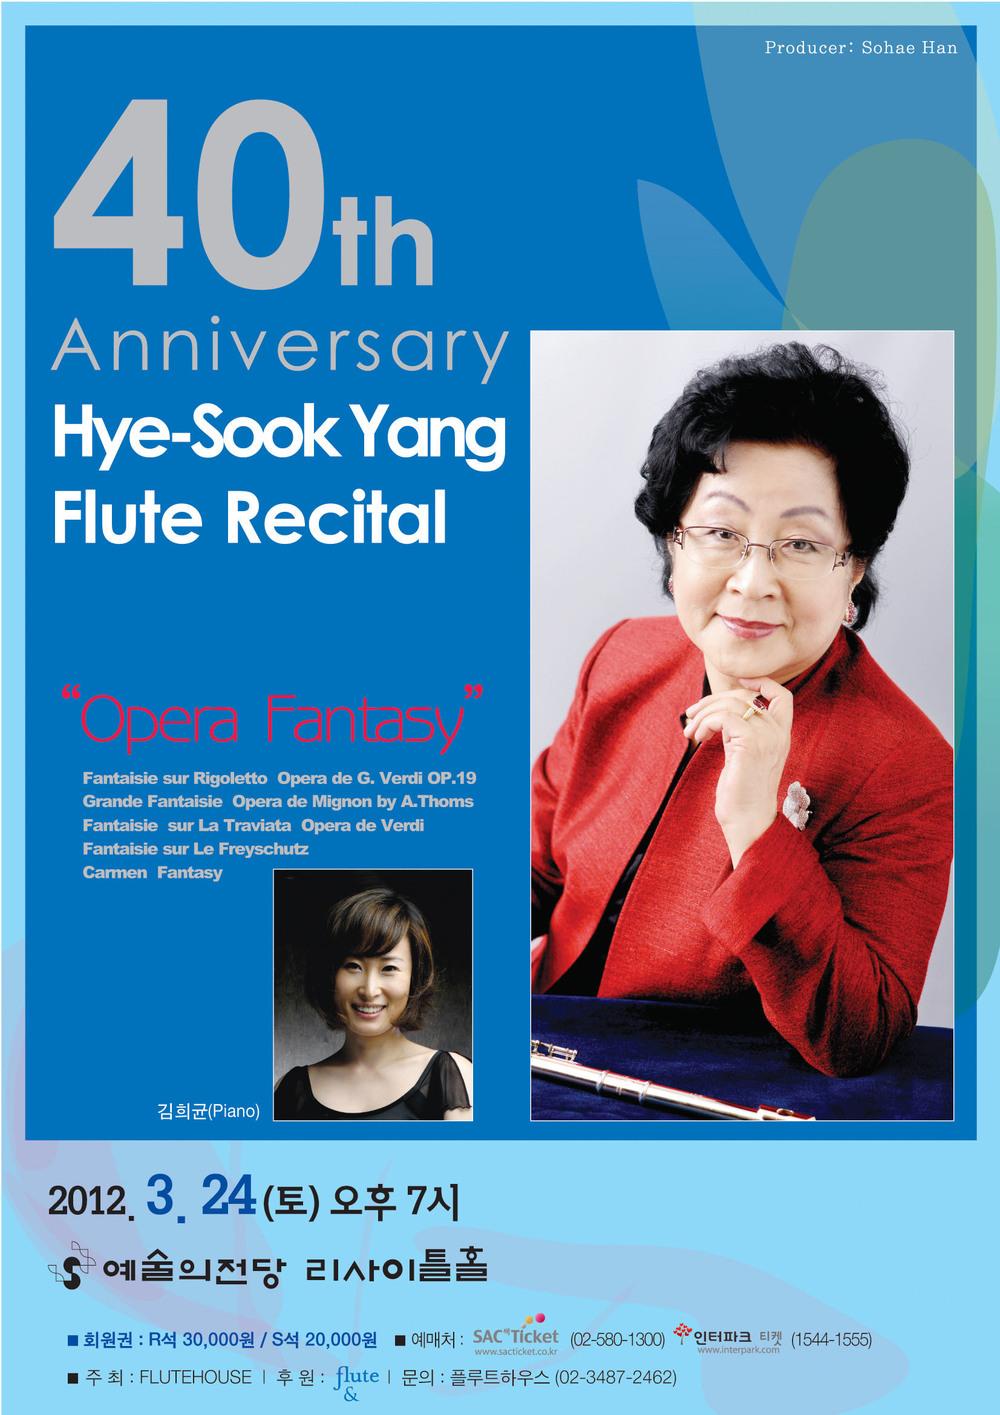 hyesookyang2012.jpg